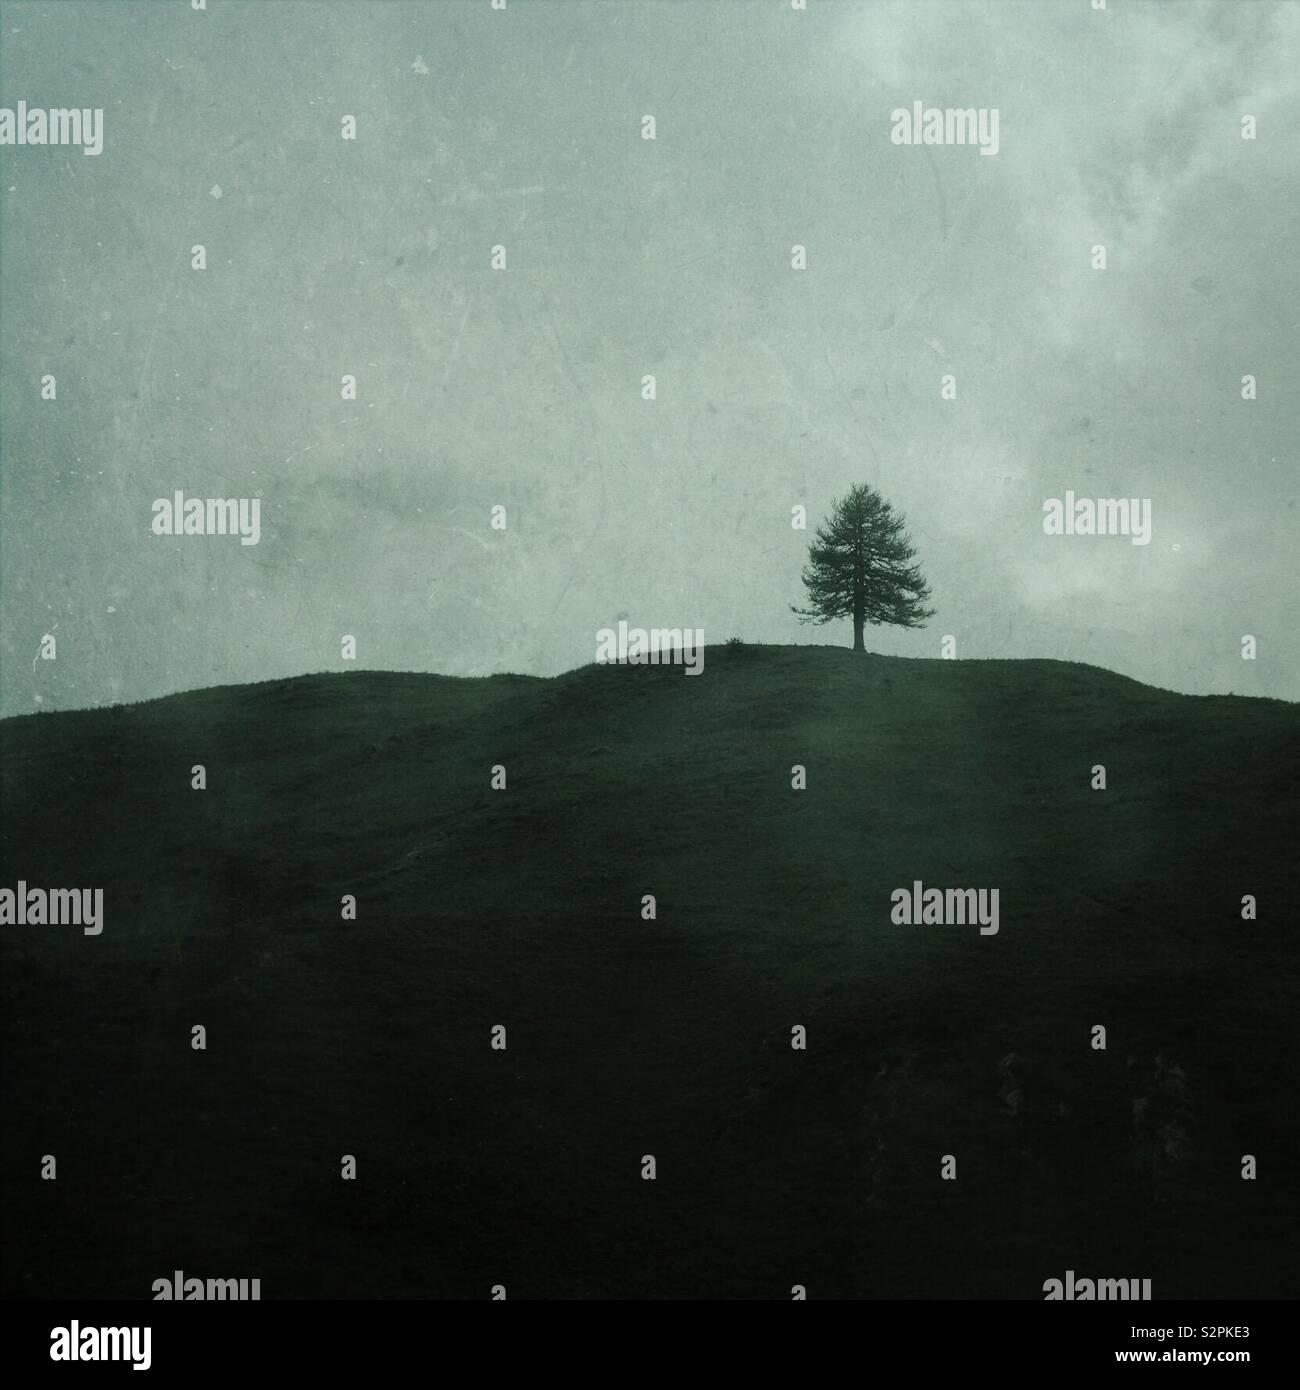 Un árbol solitario en una colina mínima en el paisaje verde - árbol minimalista Imagen De Stock